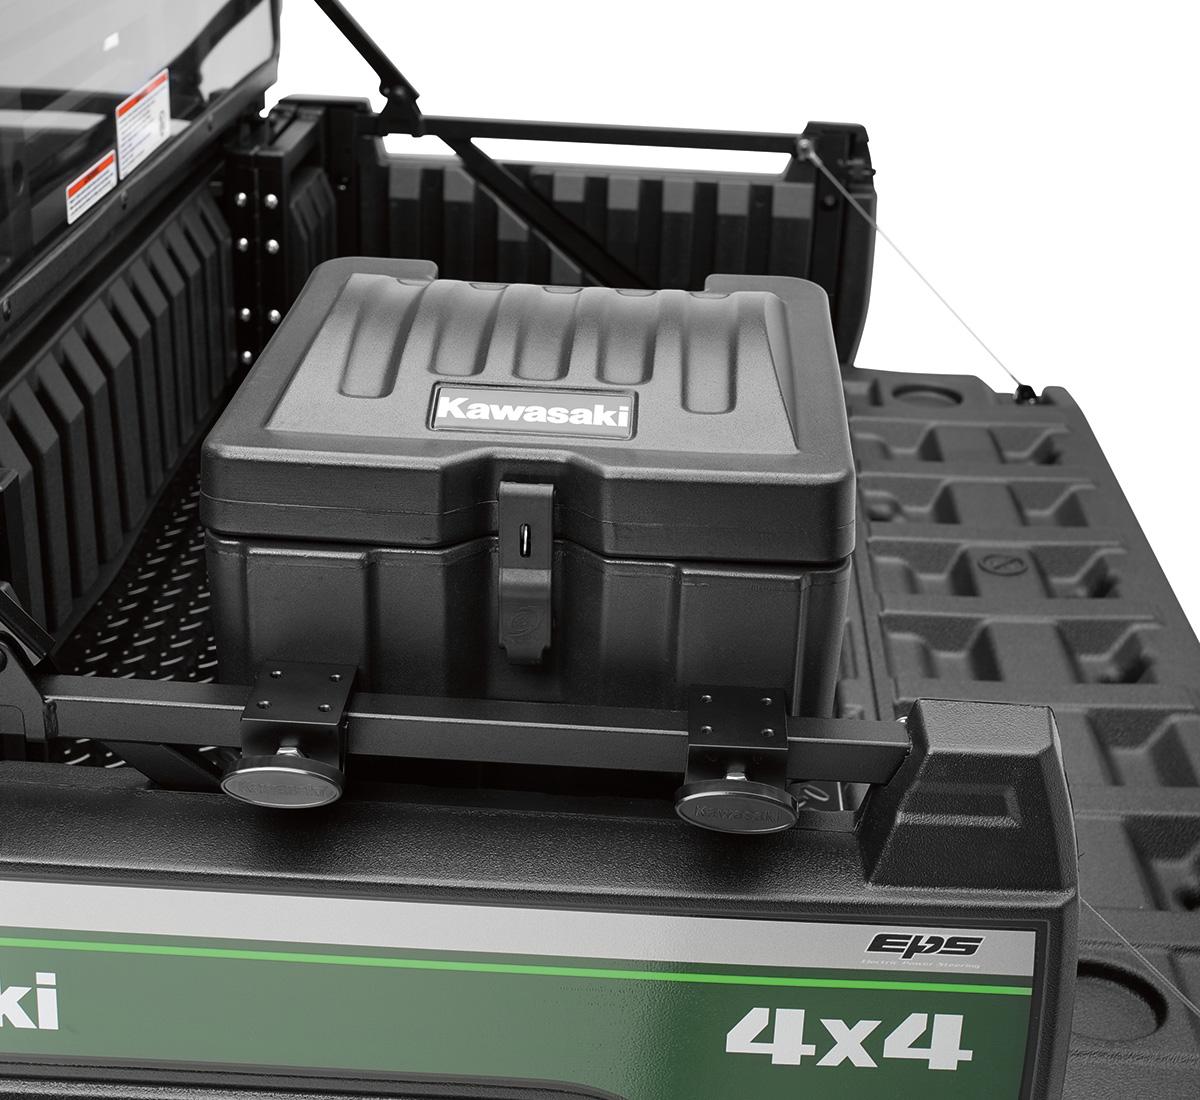 Kawasaki Mule Dog Box